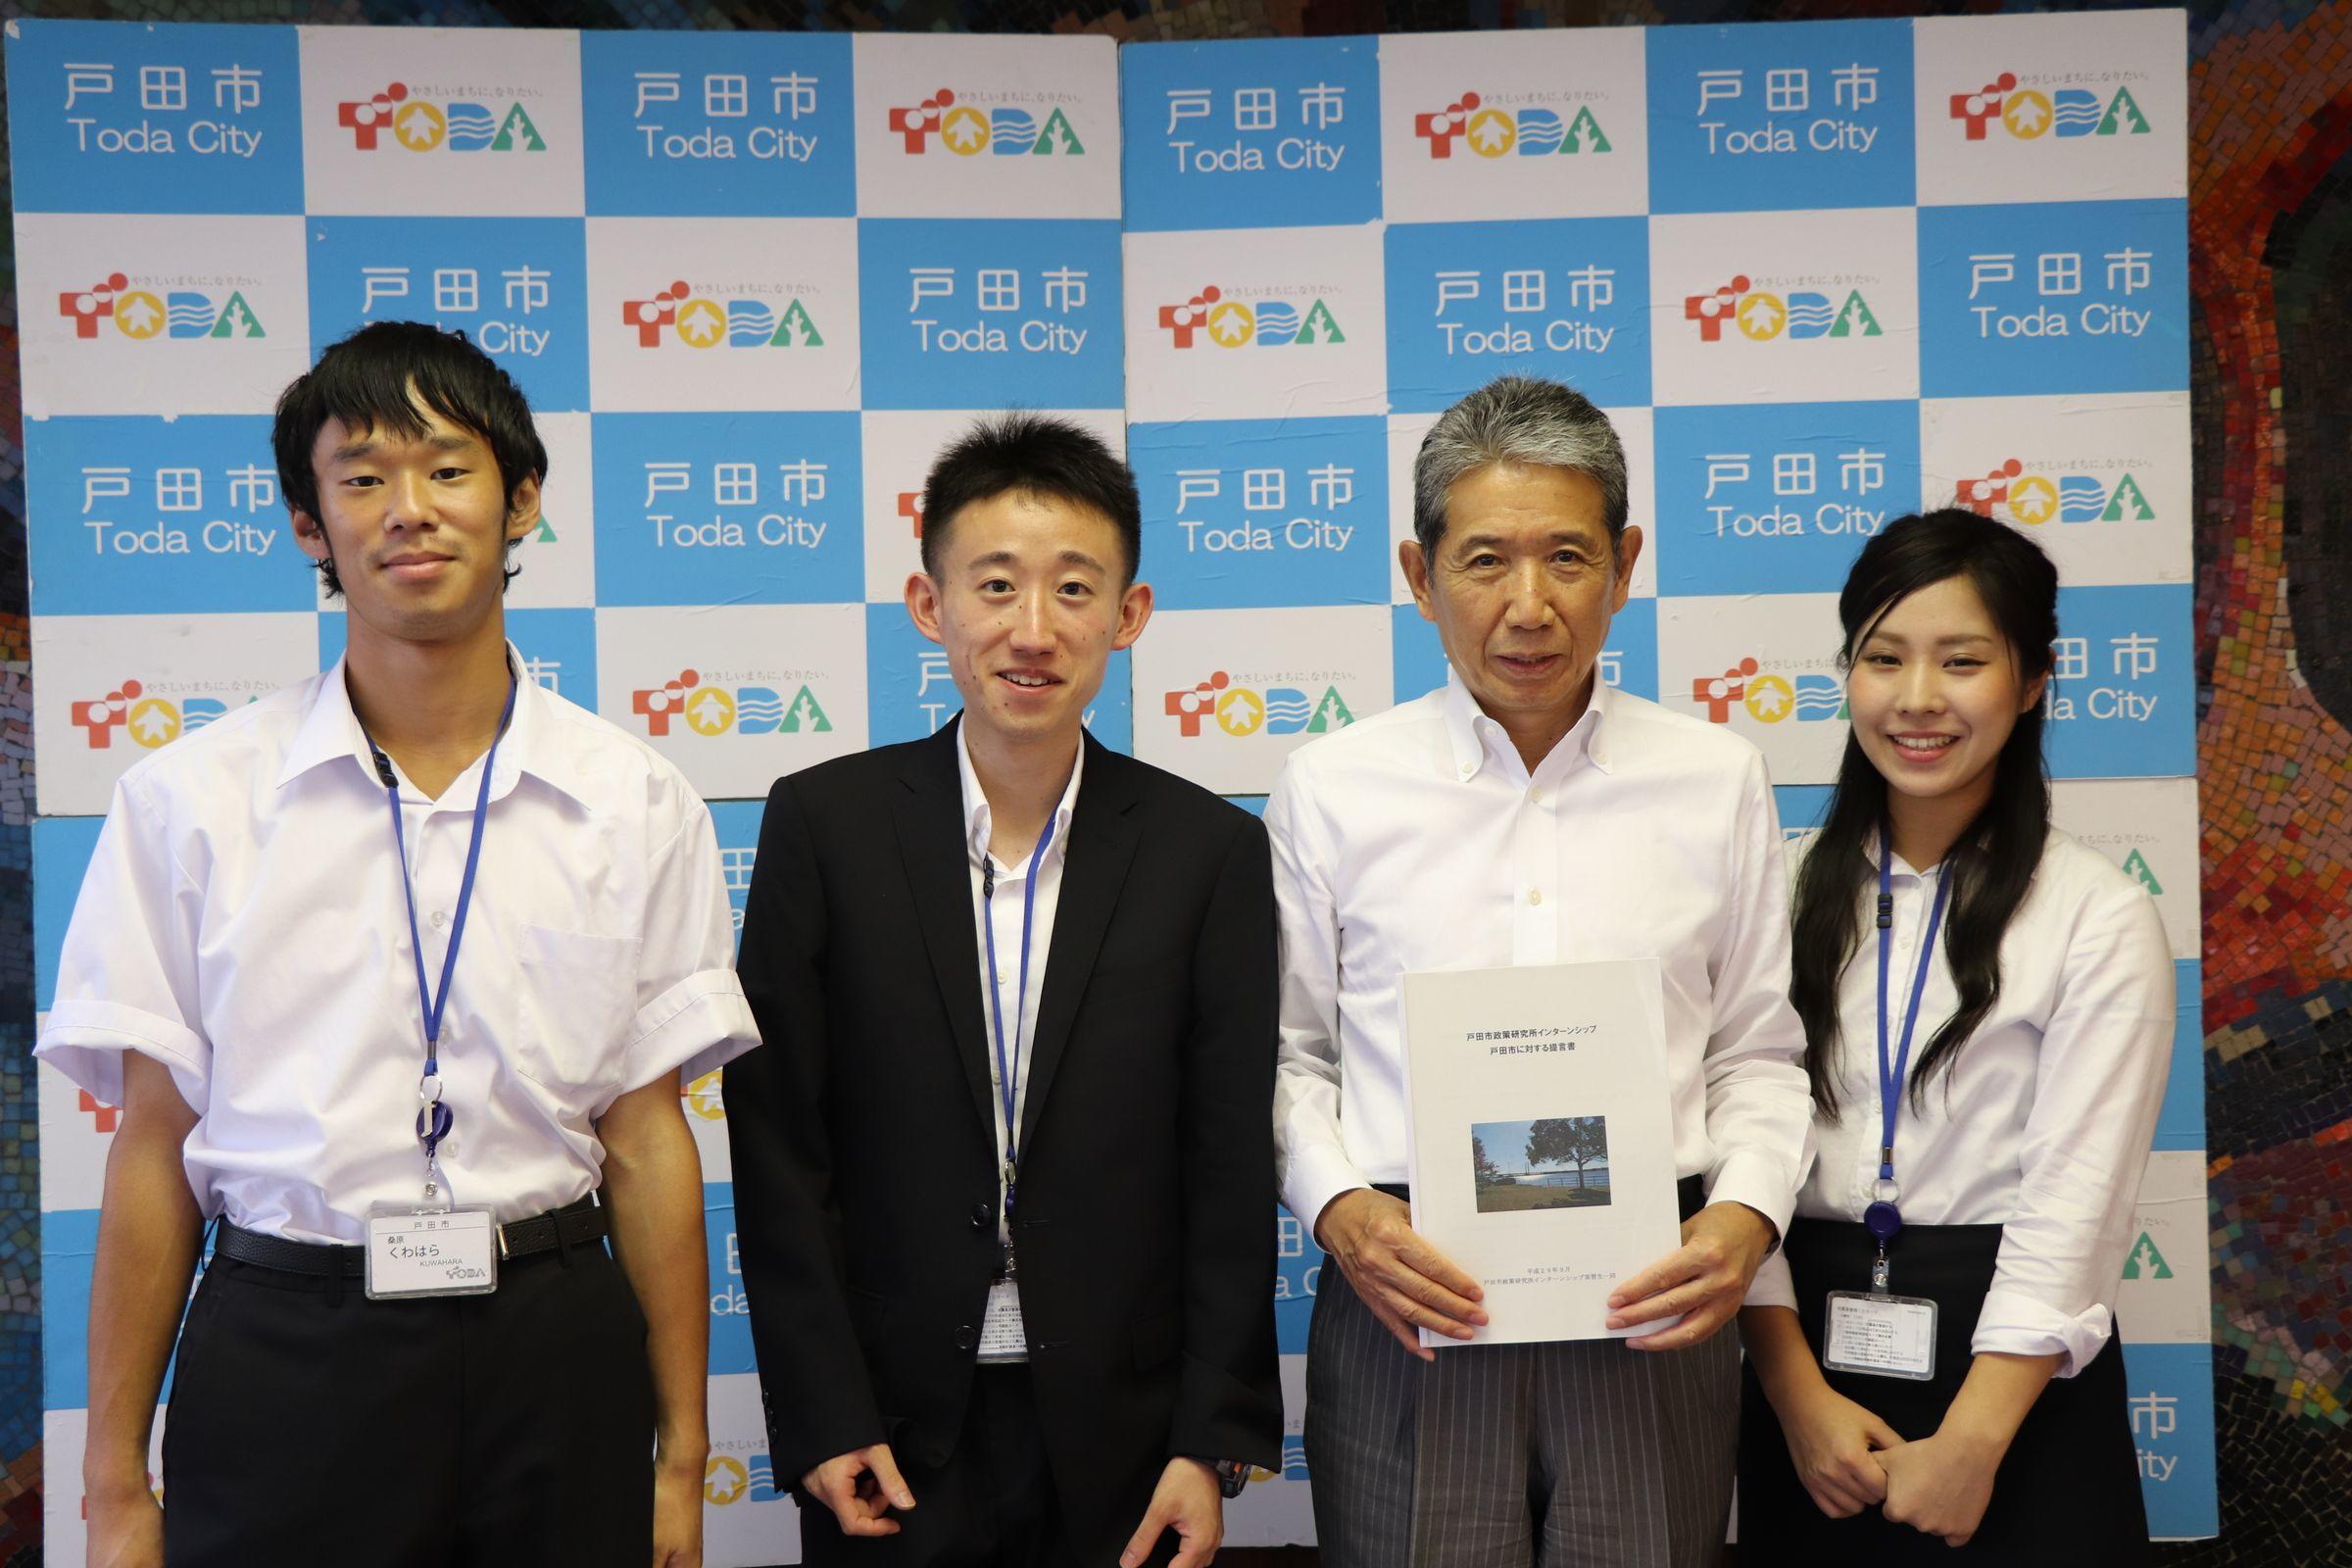 敬愛大学経済学科が埼玉県戸田市役所で「政策提言型インターンシップ」を実施 -- SNSを活用した地域活性化策が高評価